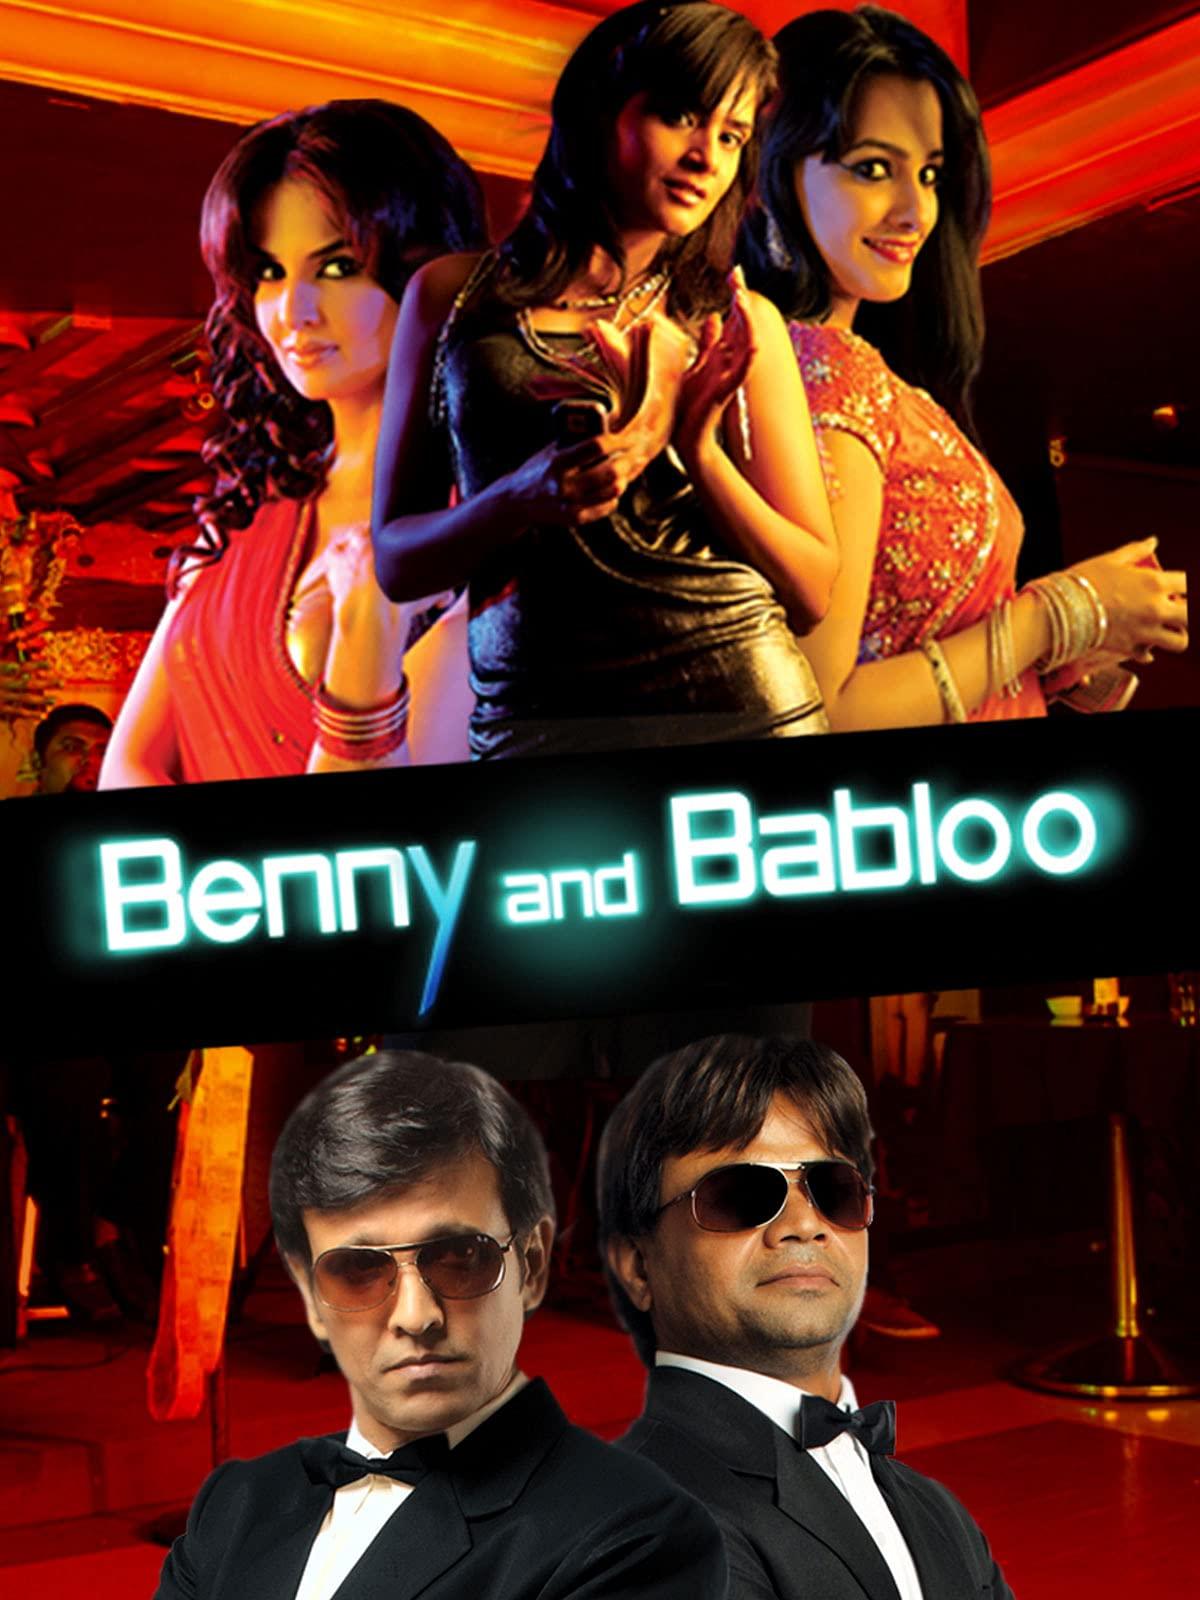 Benny and Babloo on Amazon Prime Video UK